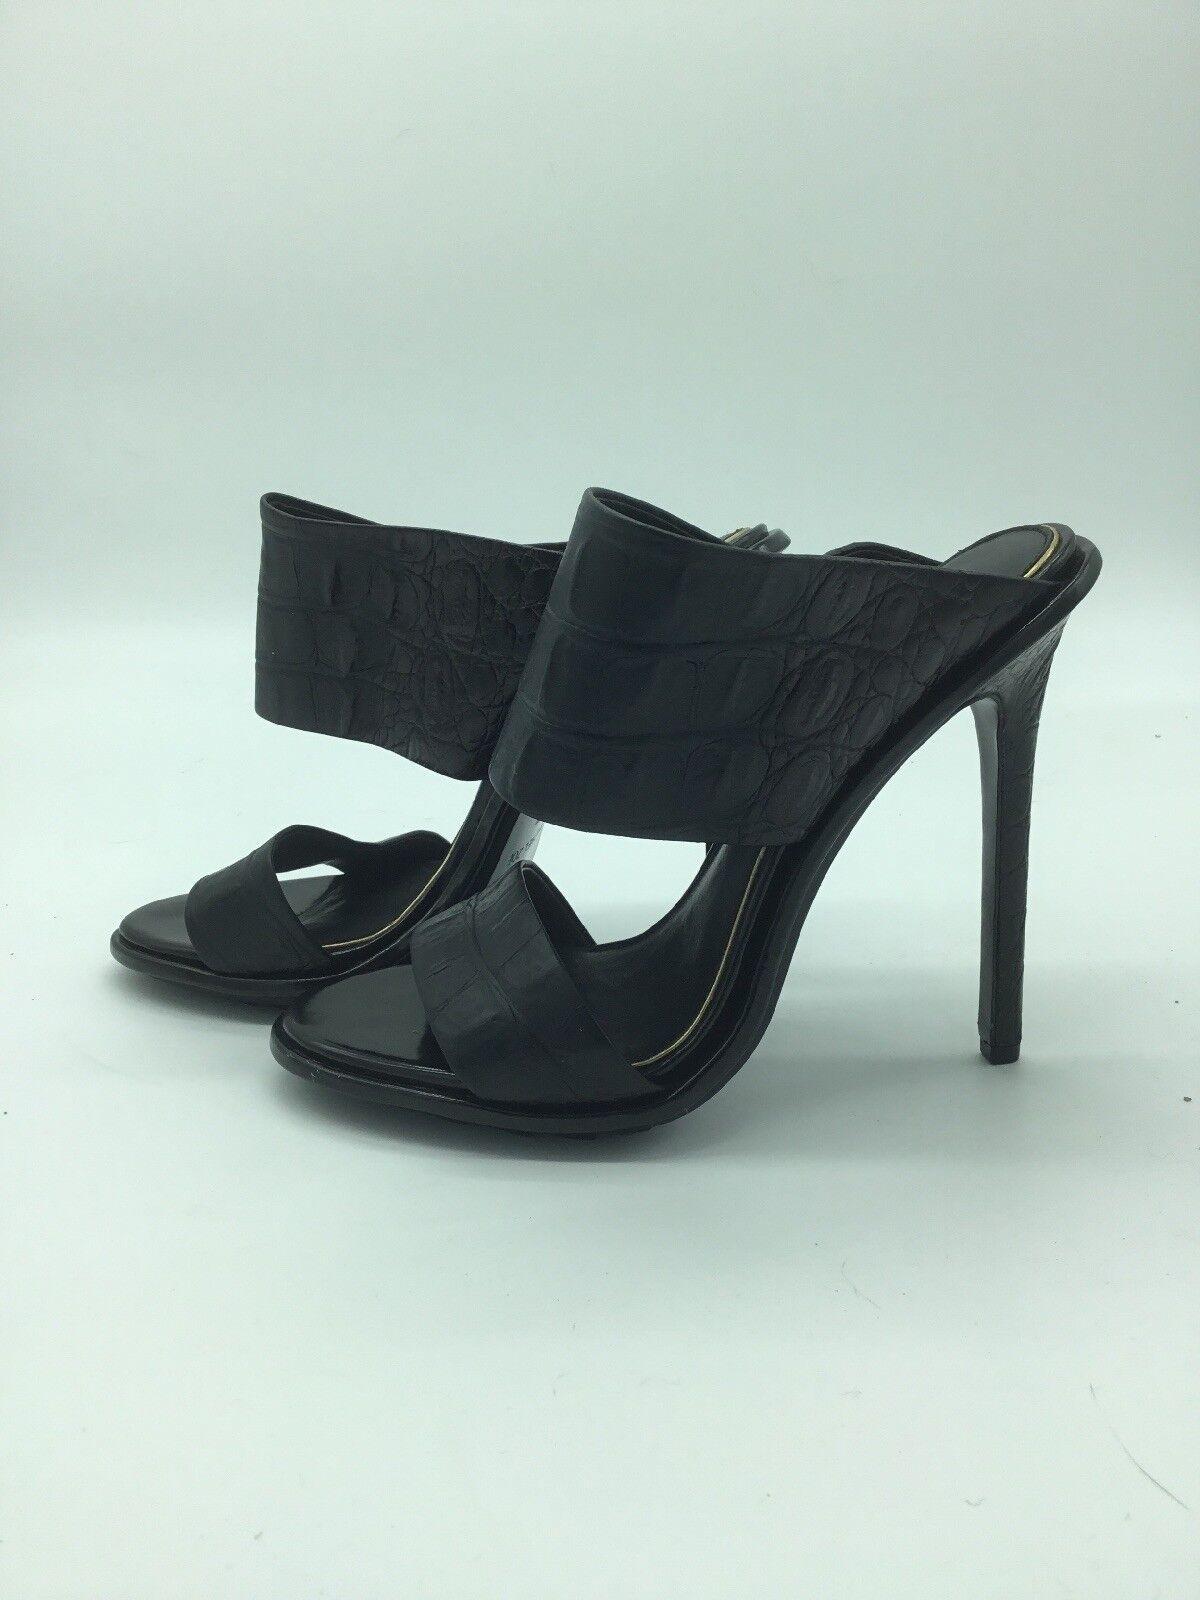 New Rachel Zoe Leather Open Toe Strap Heels Black 9.5